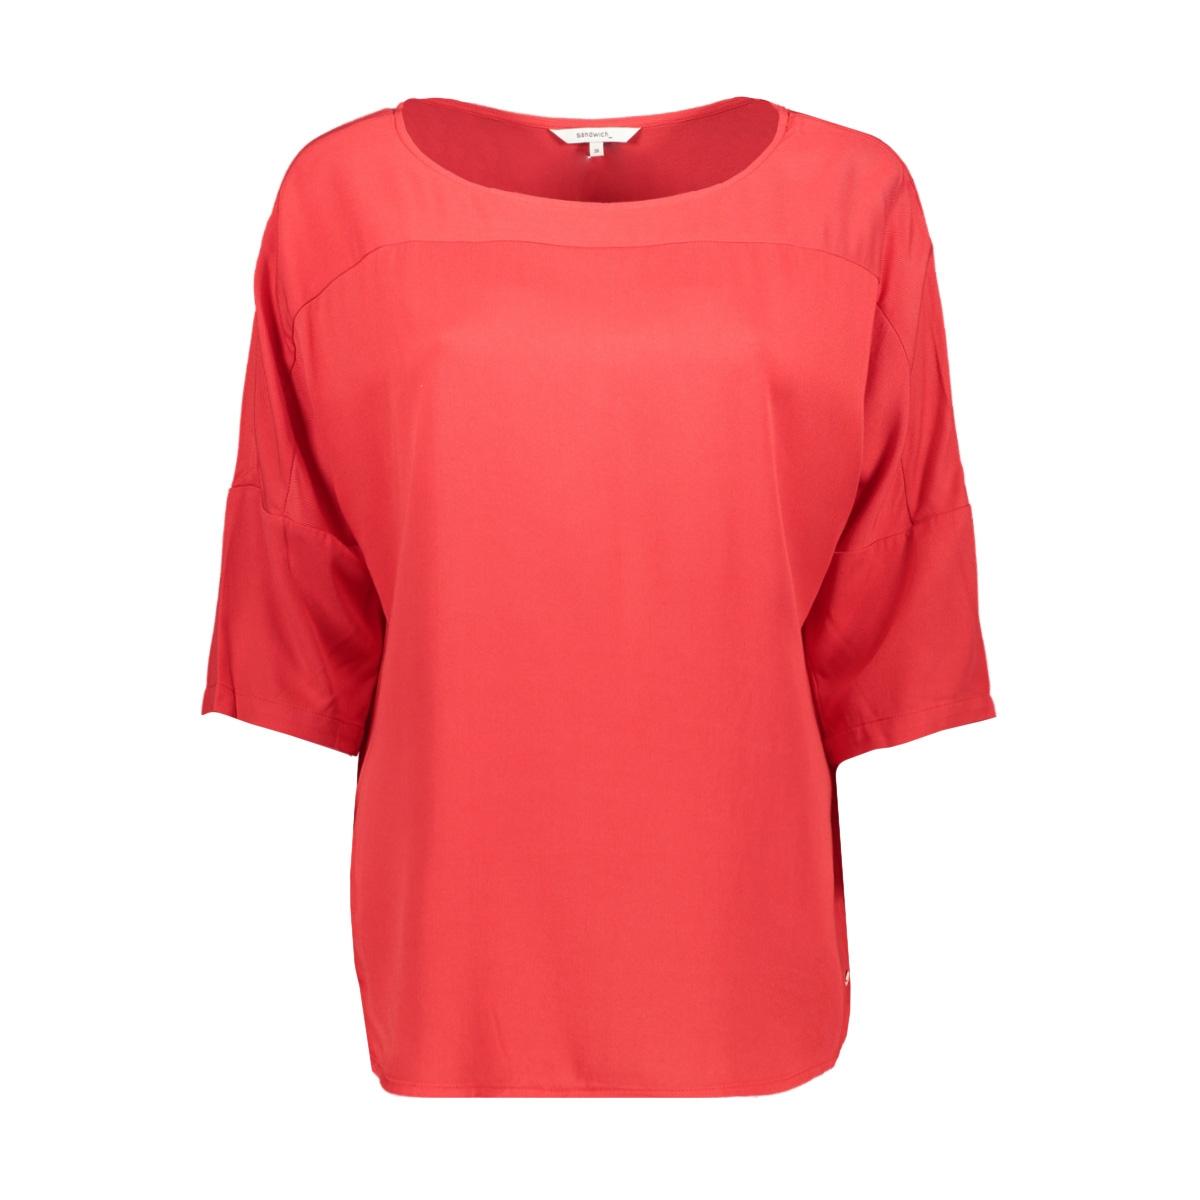 blouse 22001688 sandwich blouse 20118